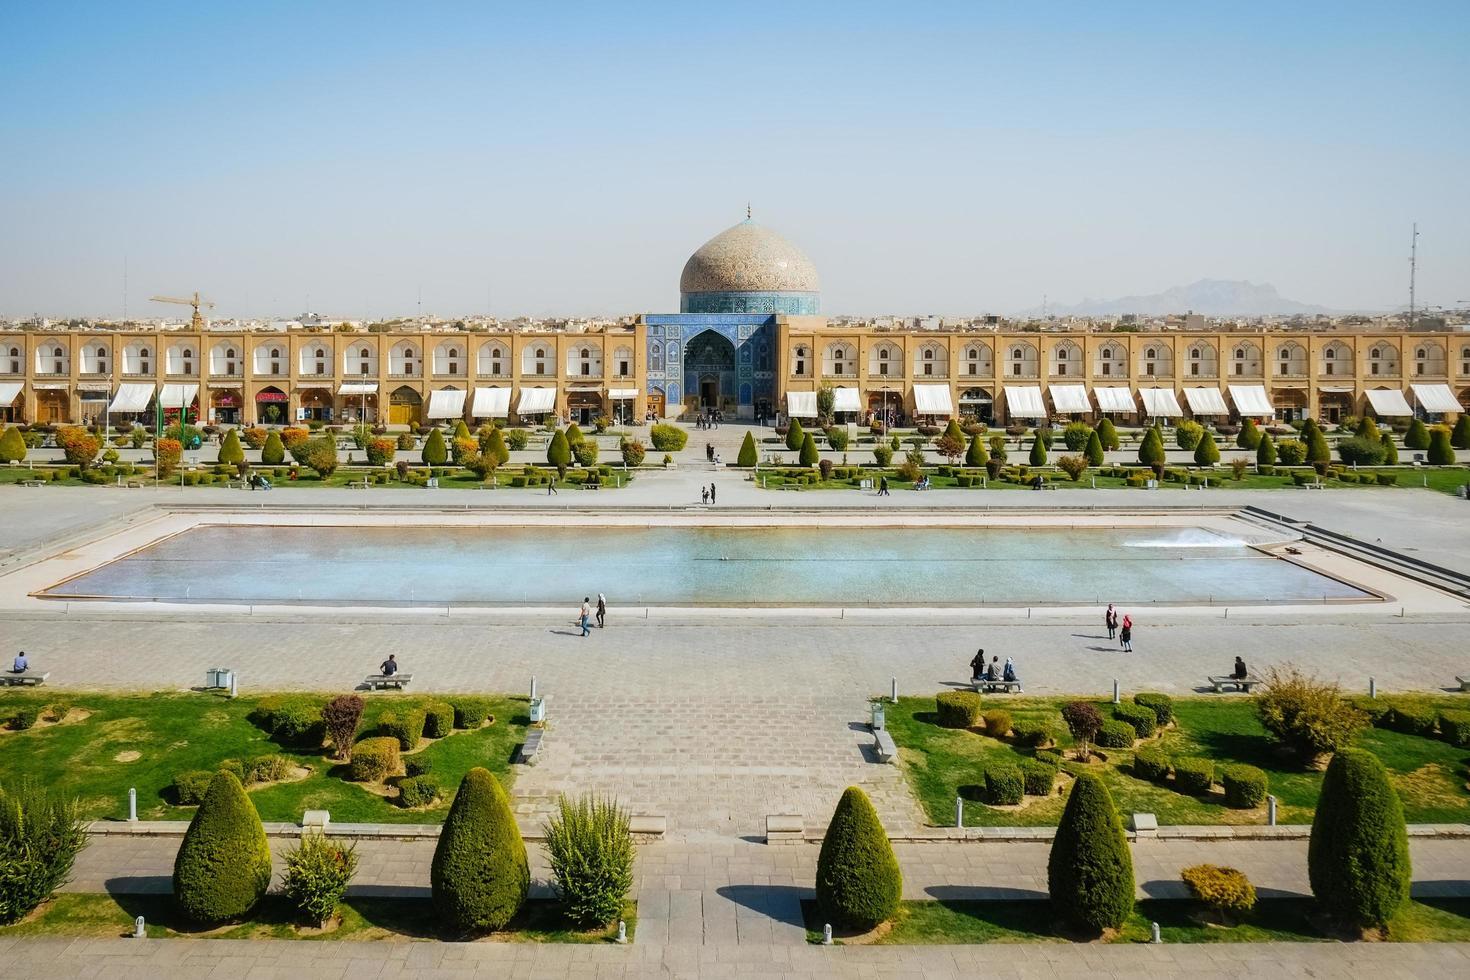 naqsh-e jahan square i isfahan, iran. foto